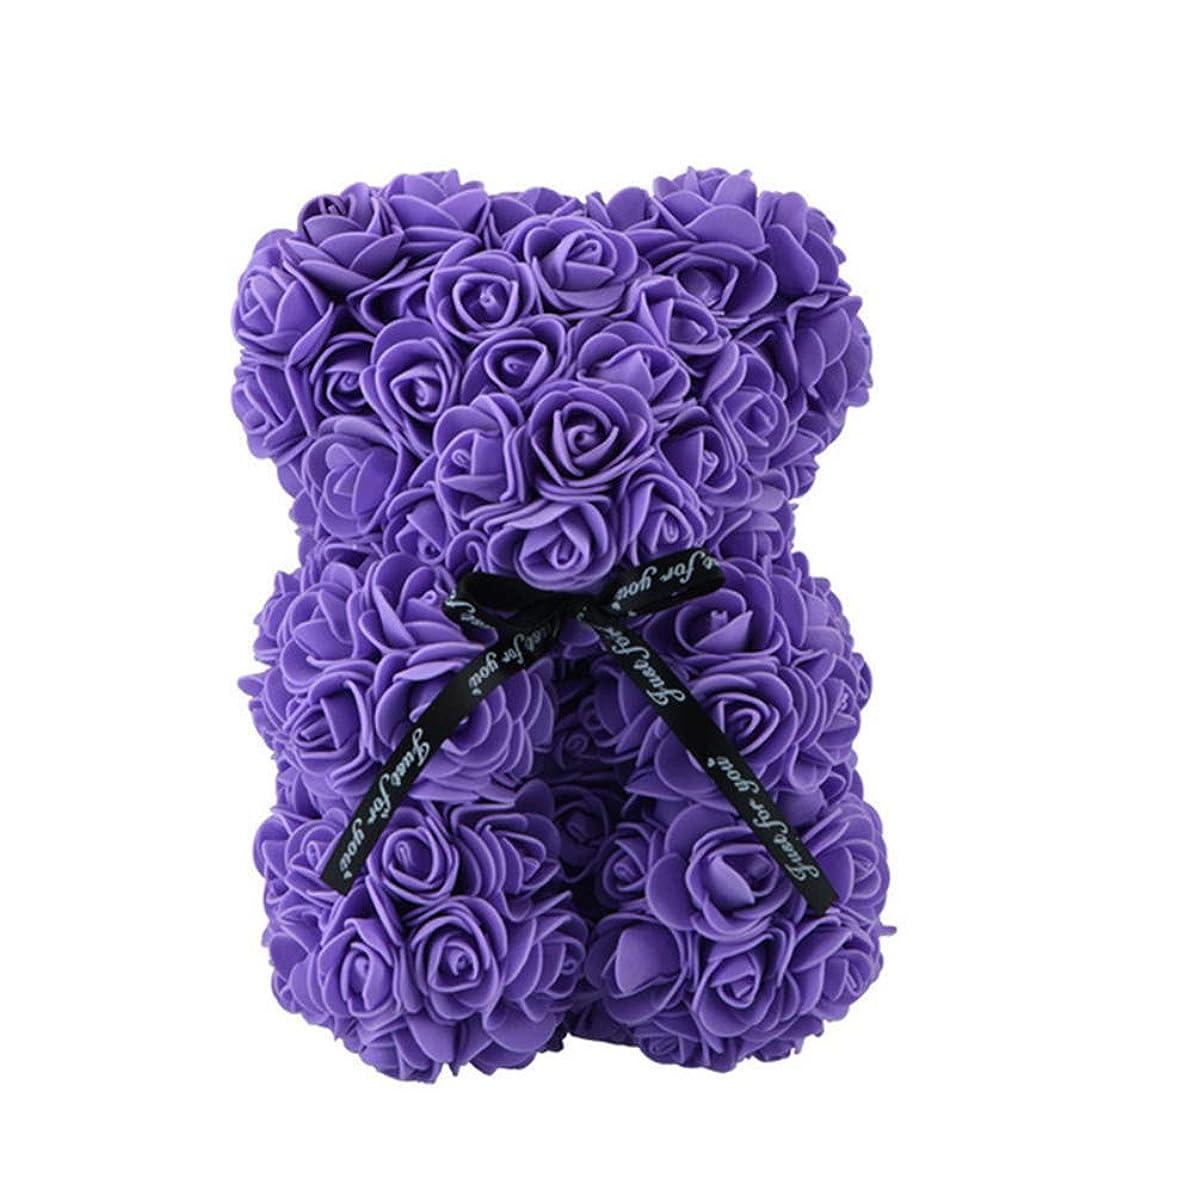 すき可動式正義シャボンフラワー テディベア リボンローズ ソープフラワー テディベア形の花 ローズベア 贈り物 プレゼント 石鹸の香り(25CM) (パープル, 箱がありません)